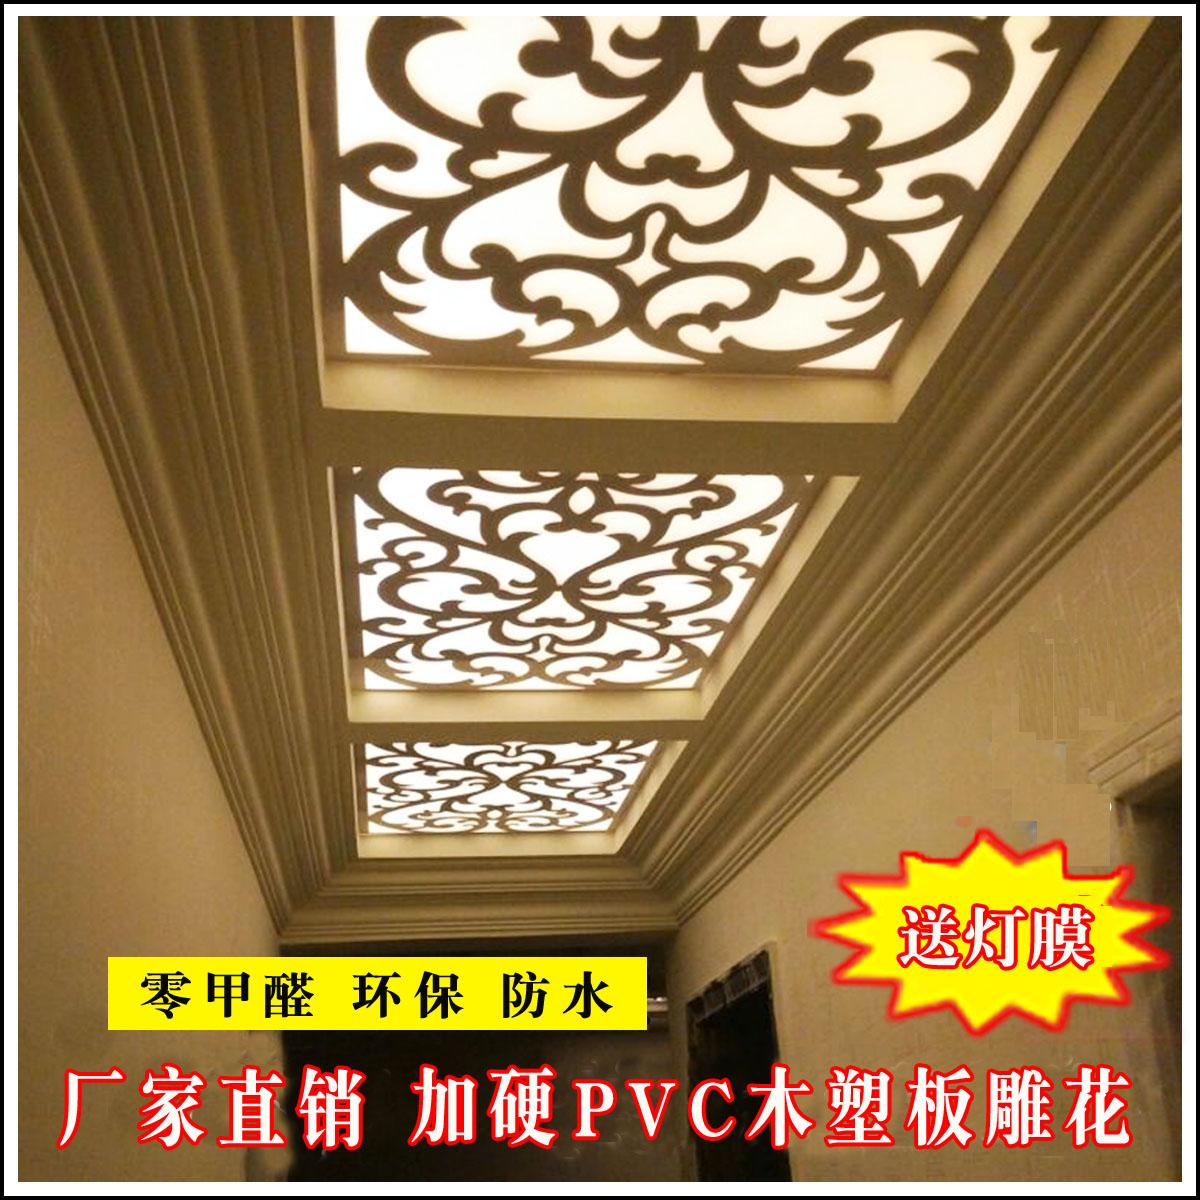 通花板PVC木塑板镂空雕花板 欧式过道花格吊顶隔断玄关背景墙屏风